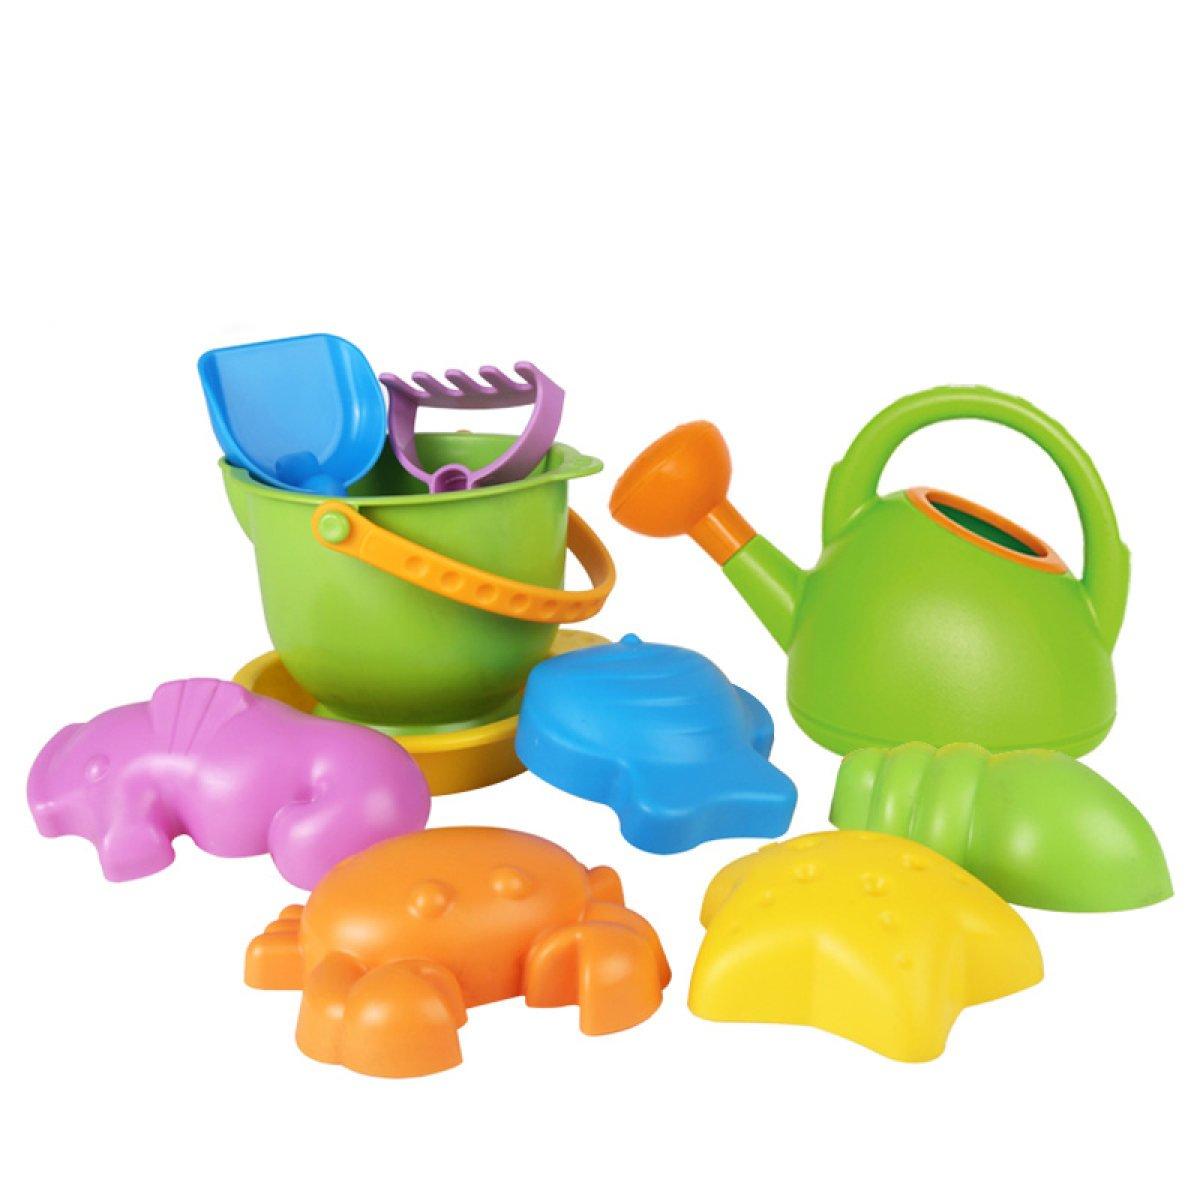 barato en alta calidad MEI Juguetes de playa para niños Juego de juguetes juguetes juguetes para la playa Bebé Juego grande Juguetes de arena Herramientas de dragado Pala de reloj de arena Pequeño cubo ( Color : A )  centro comercial de moda